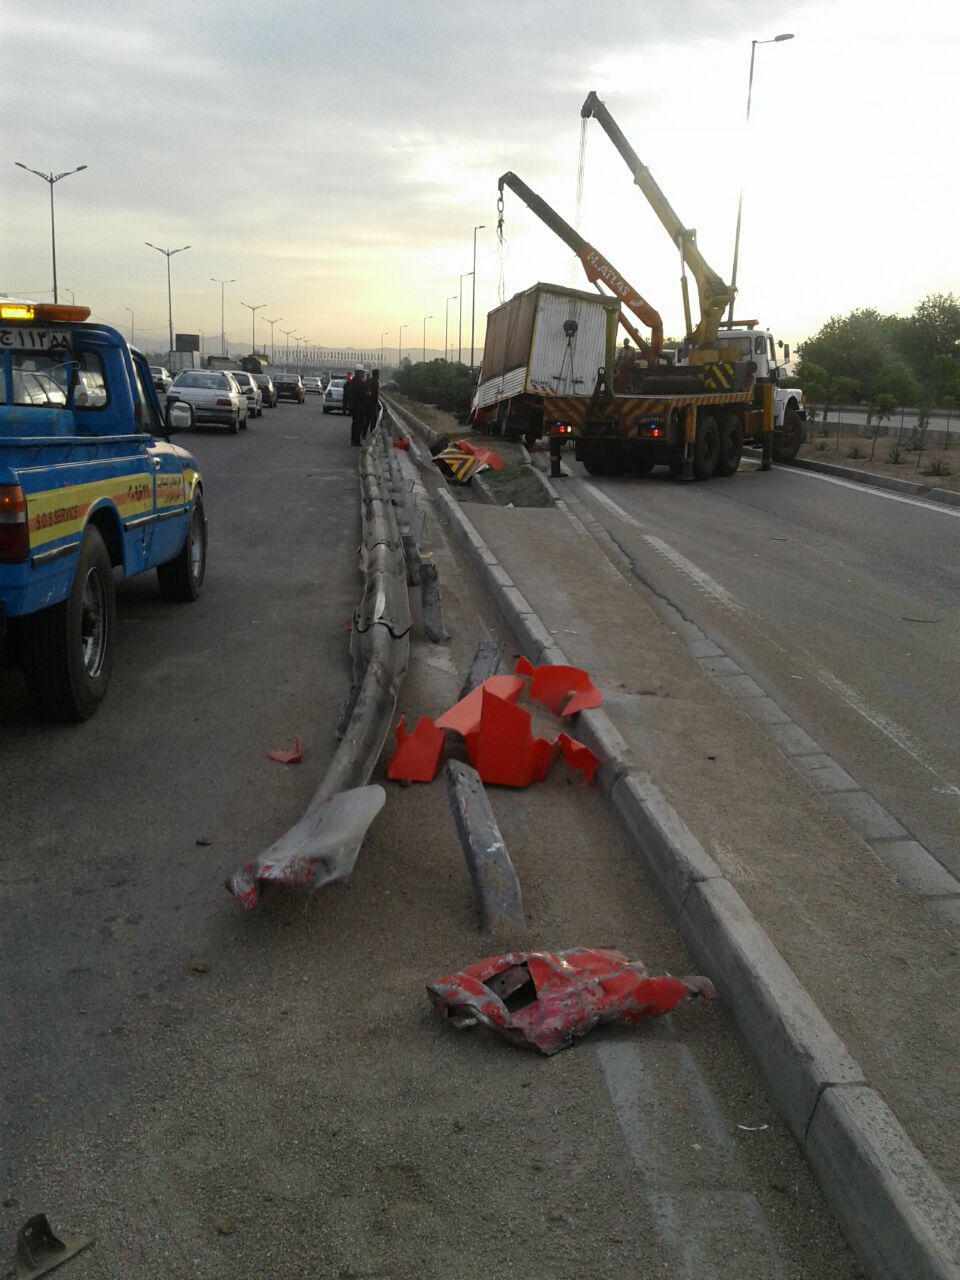 واژگونی یک دستگاه کامیونت در مسیر غرب به شرق بزرگراه آزادگان+عکس